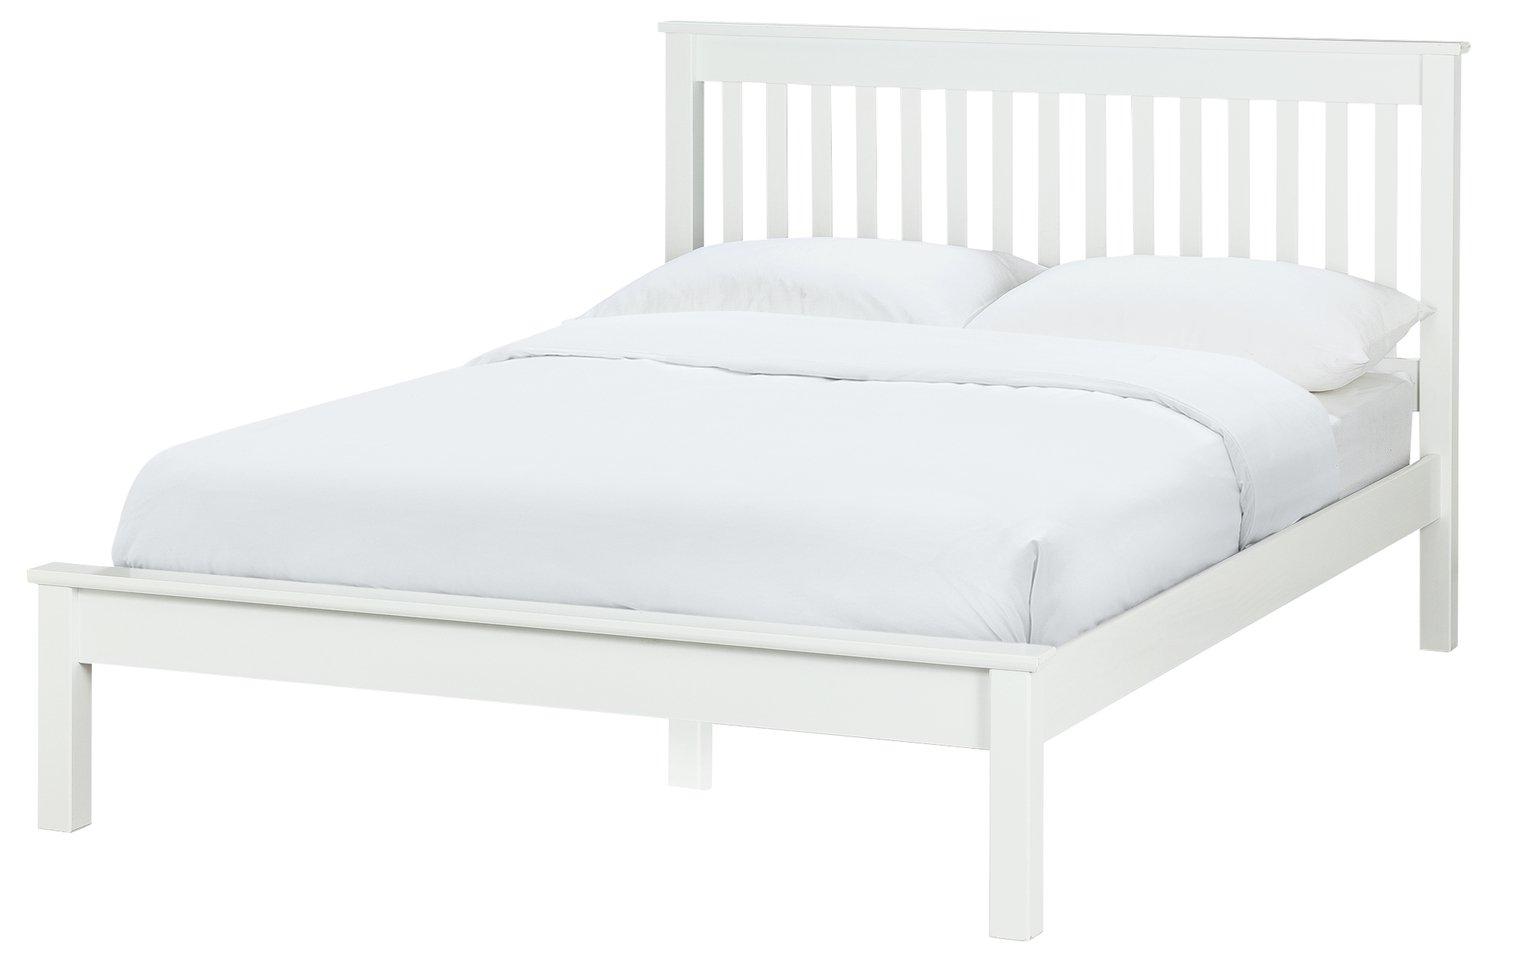 Argos Home Aspley Kingsize Bed Frame - White